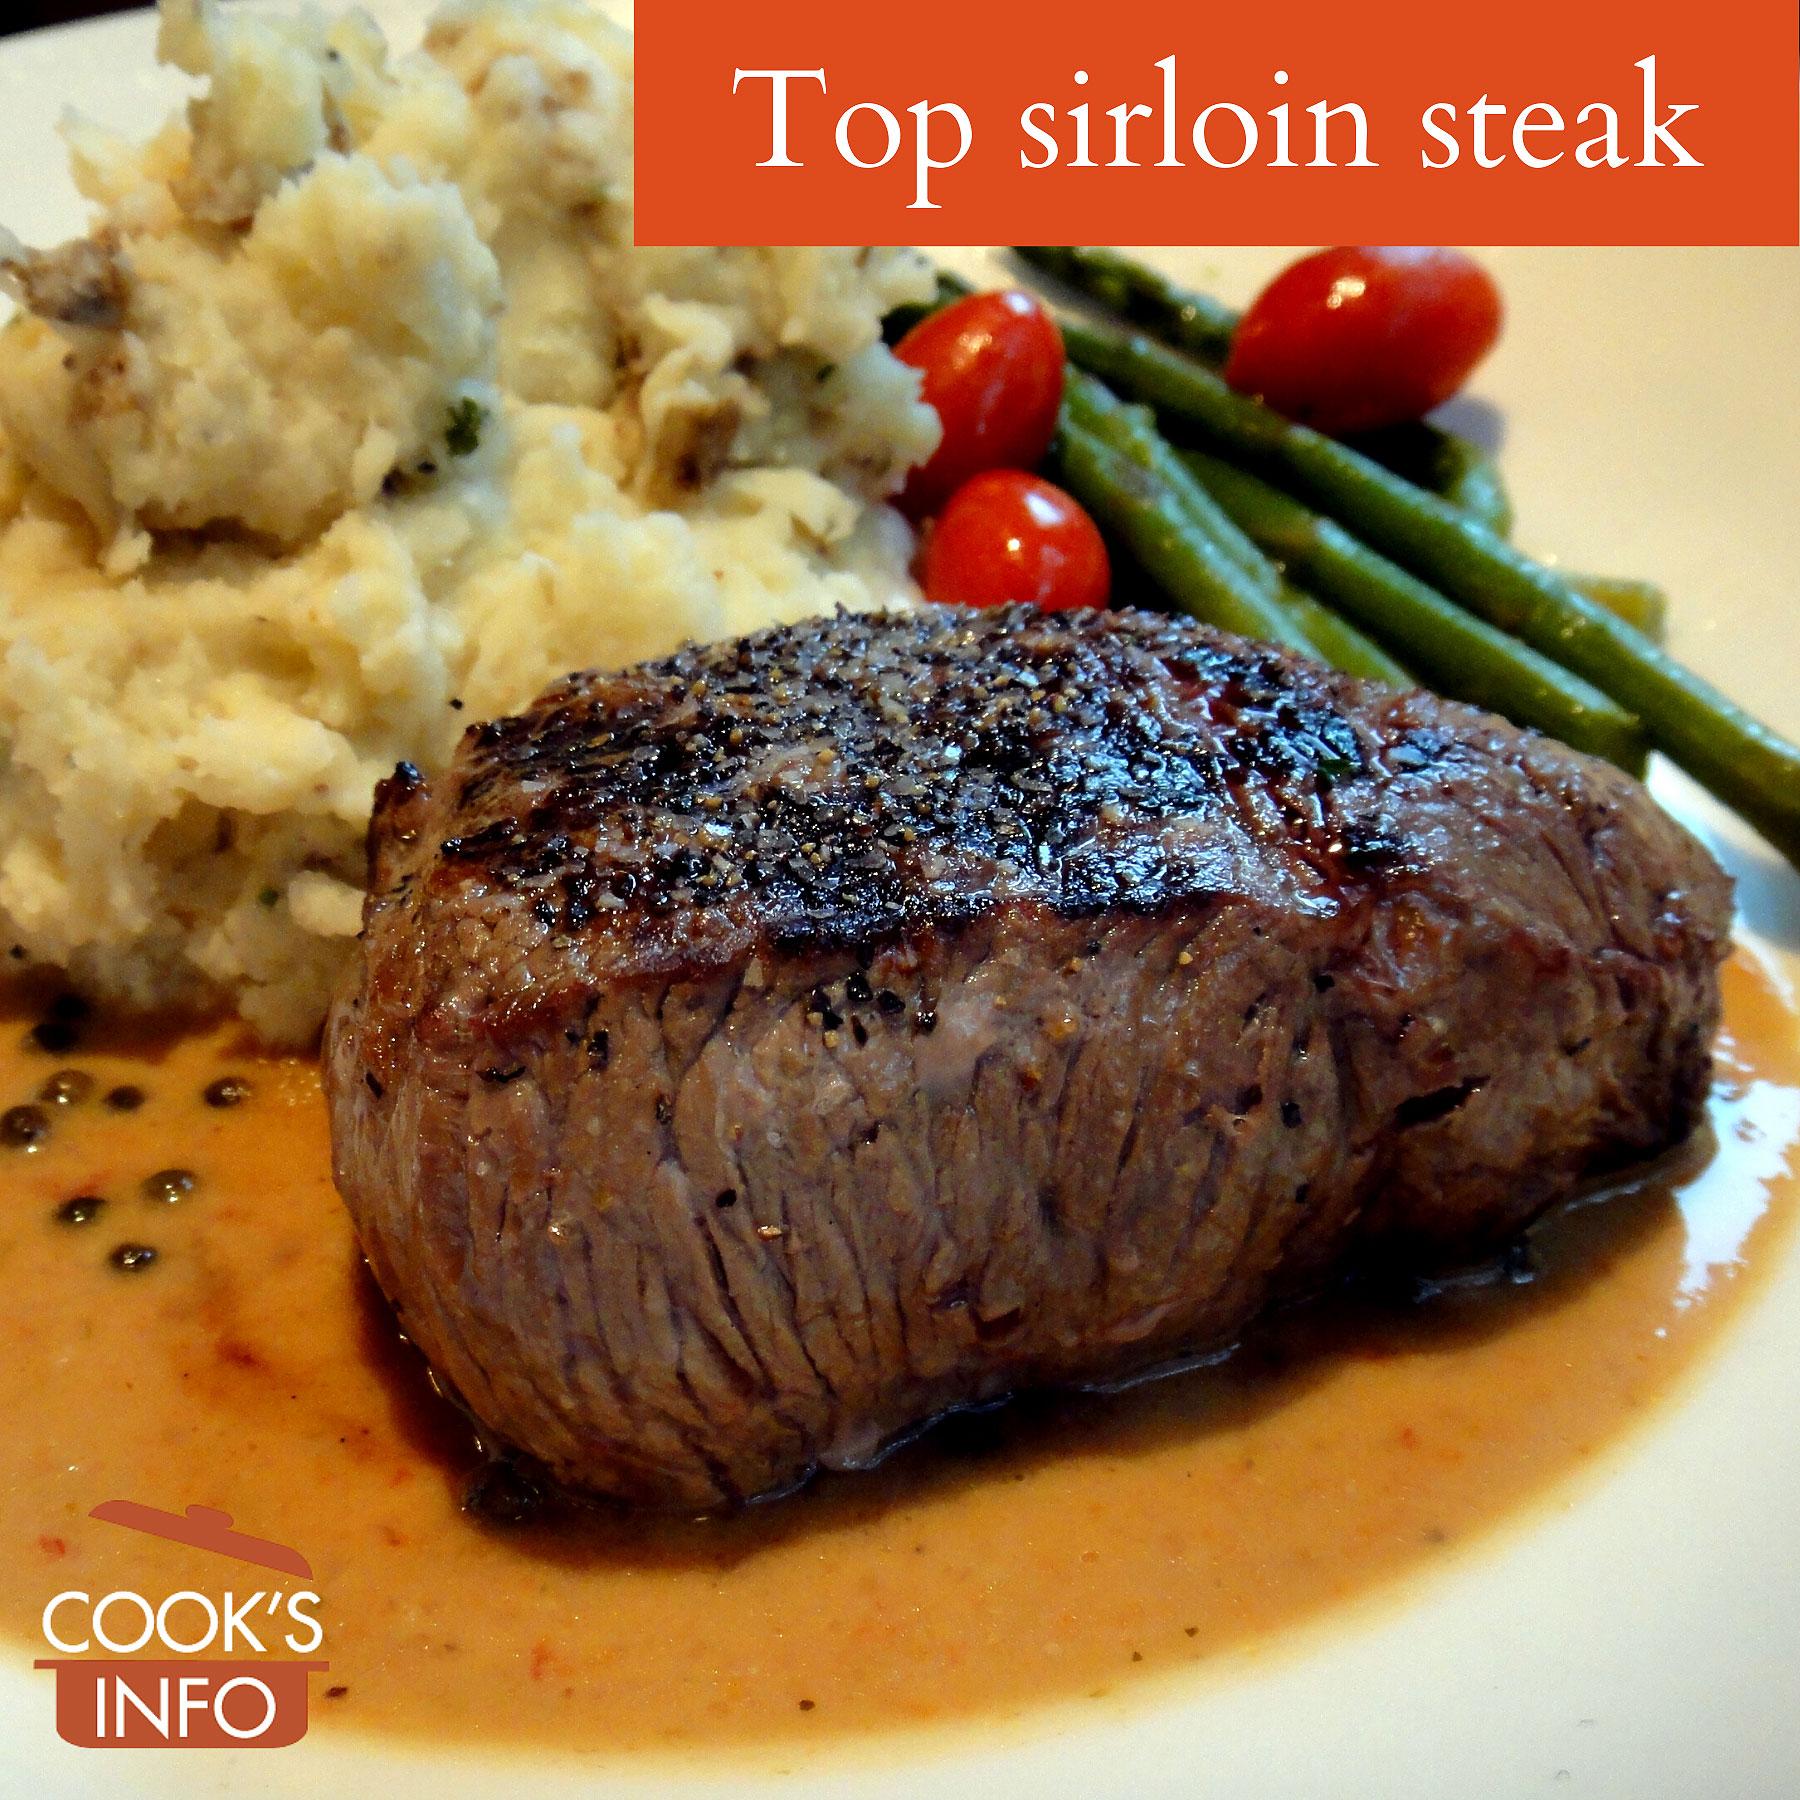 Top sirloin steak, with peppercorn sauce